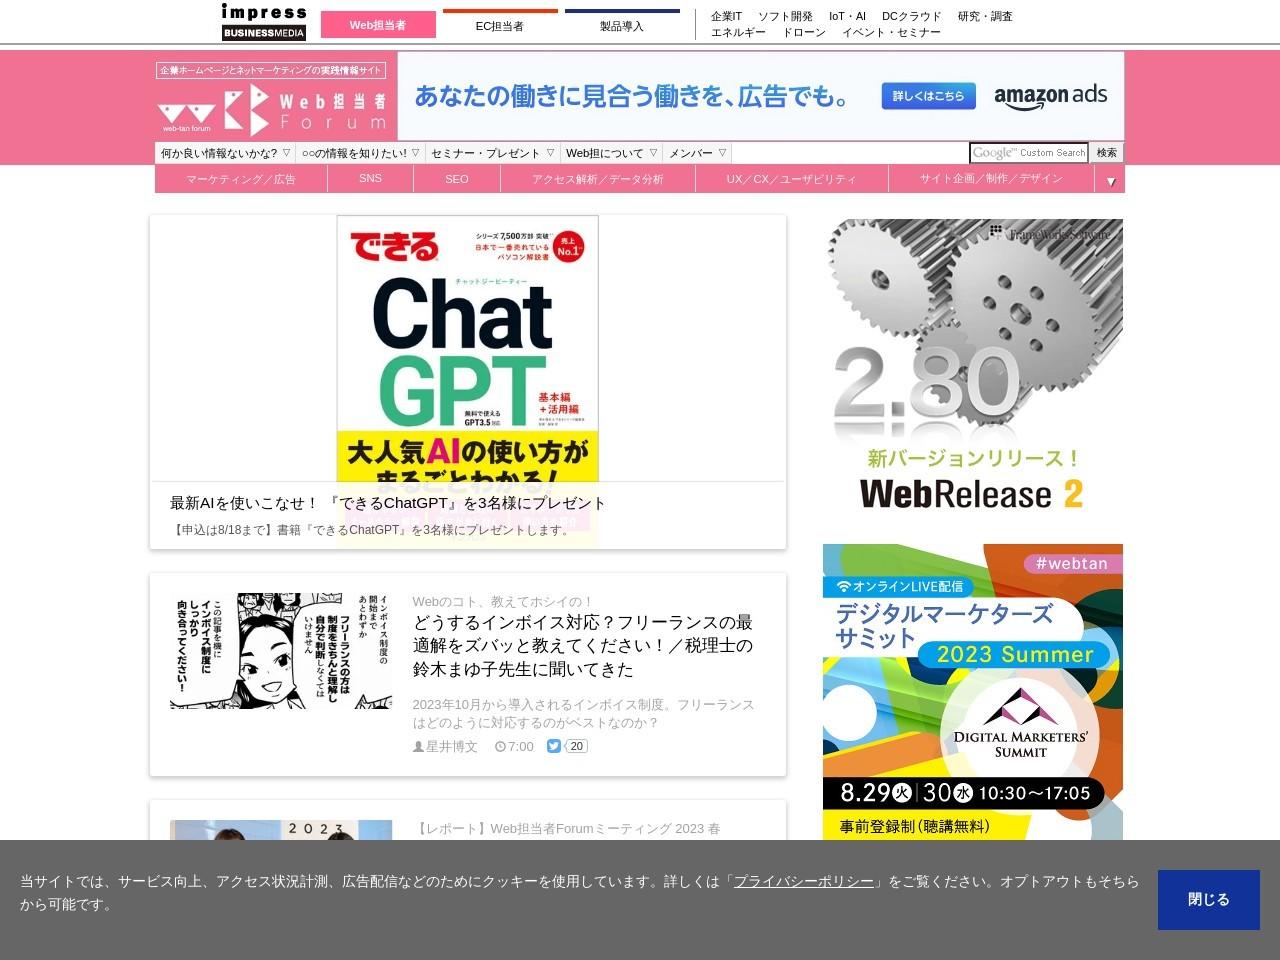 【自動投稿】 【北海道・札幌】SEO対策会社ーデジマチェーンのおすすめ12社厳選比較!Webマーケティングで …